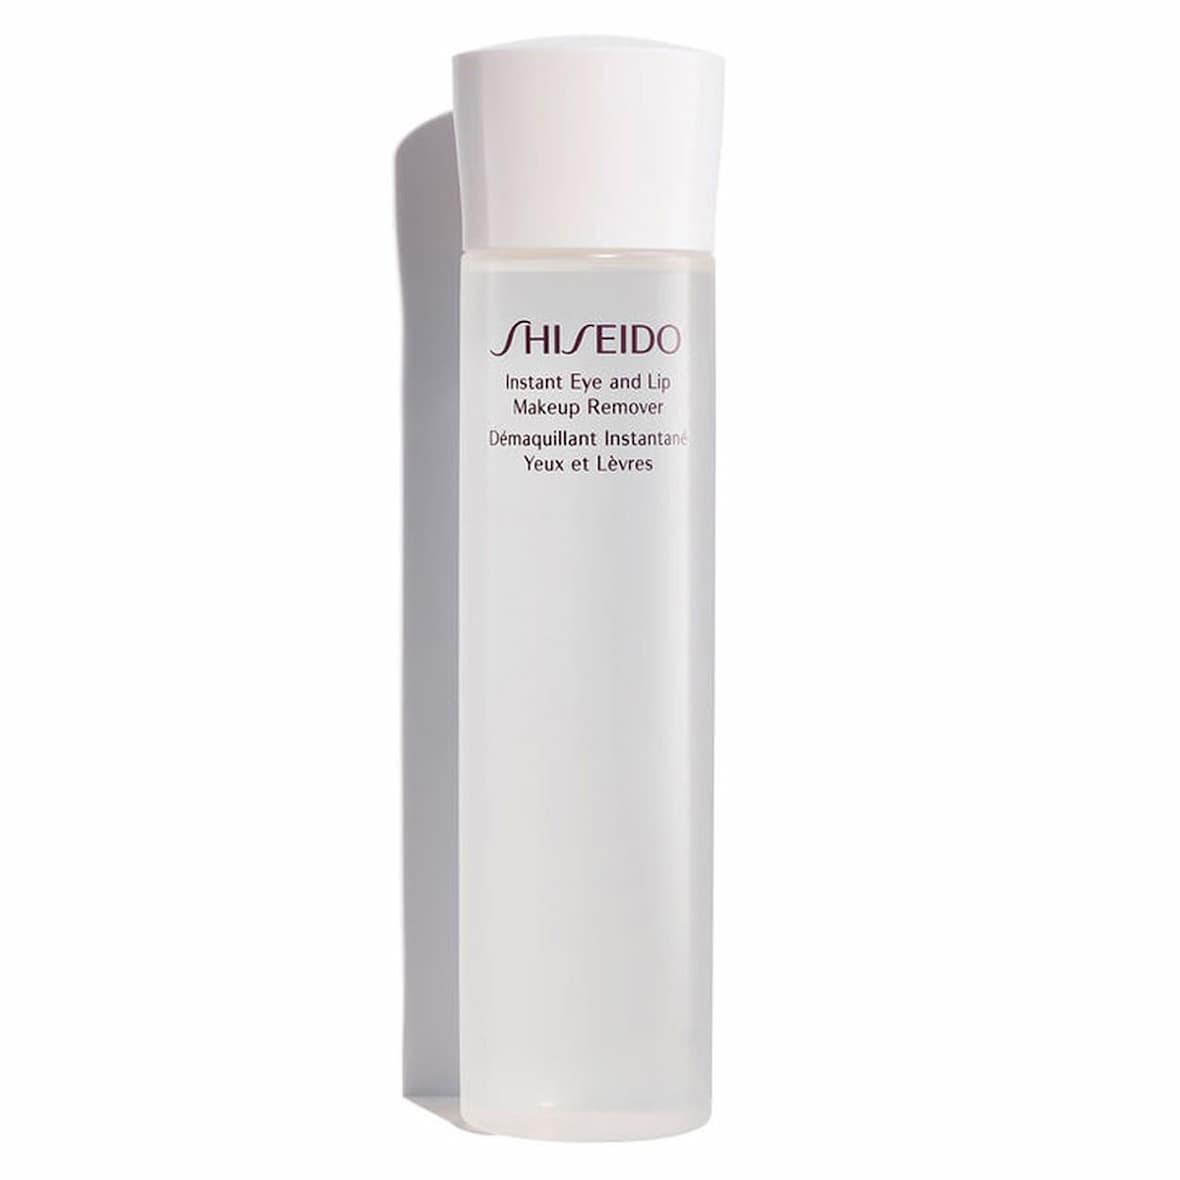 Shiseido - Démaquillant Instantané Yeux et Lèvres - 125 ml